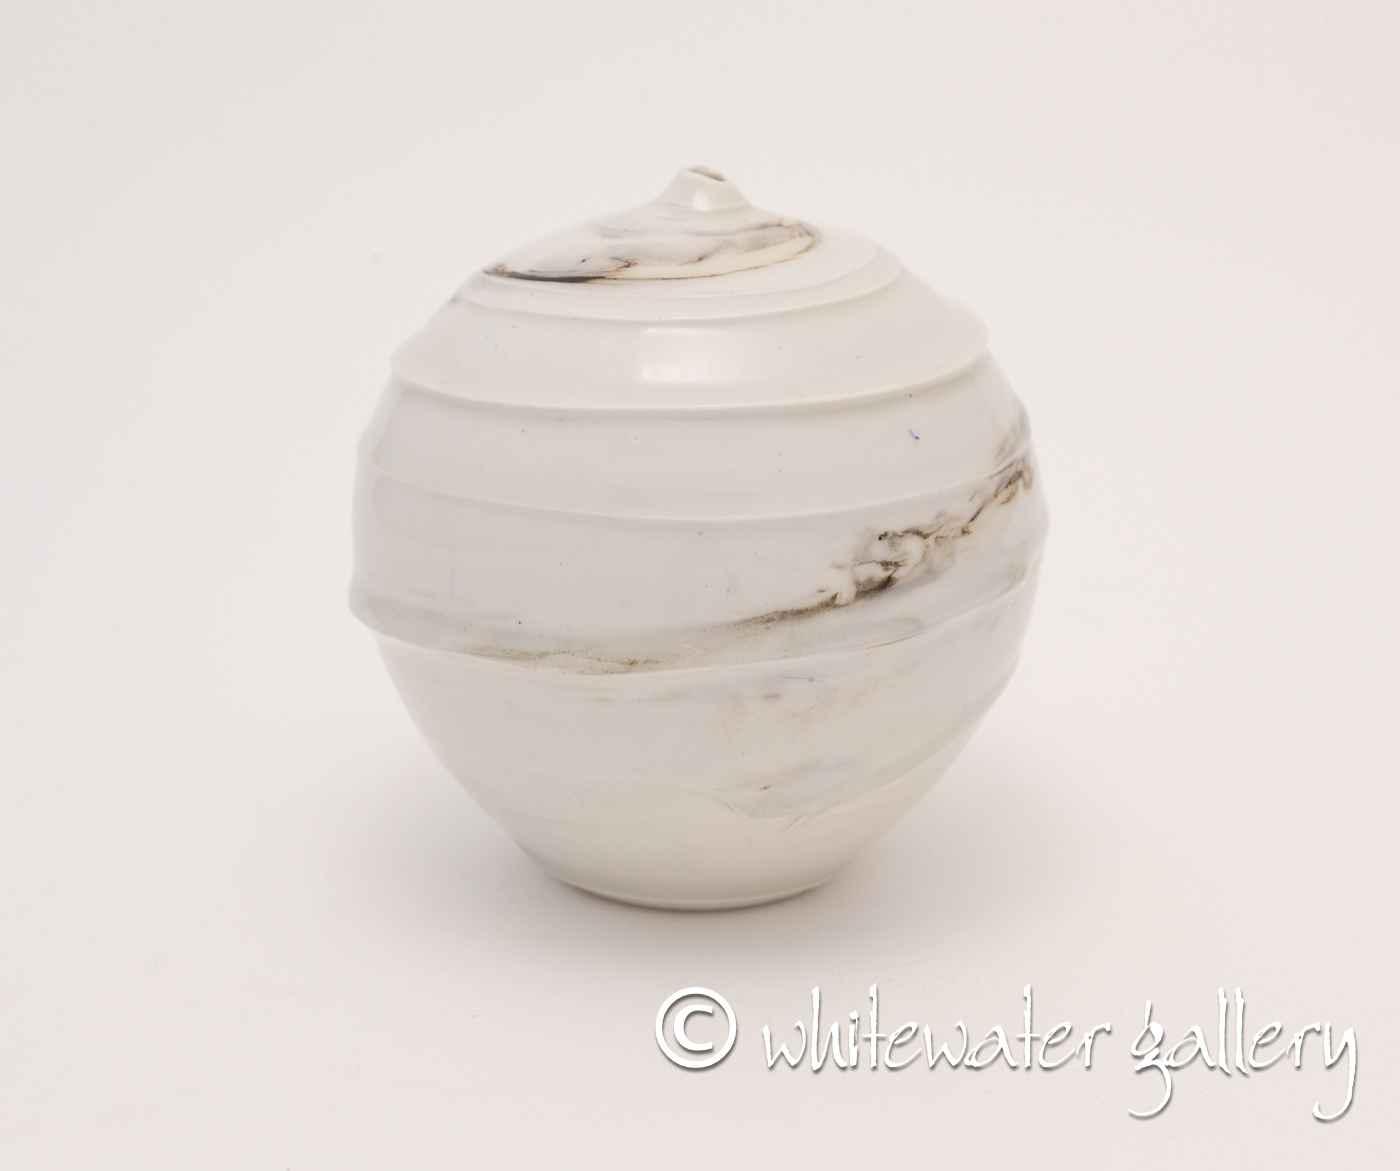 Round Bottle Vase wit... by  Hugh West - Masterpiece Online